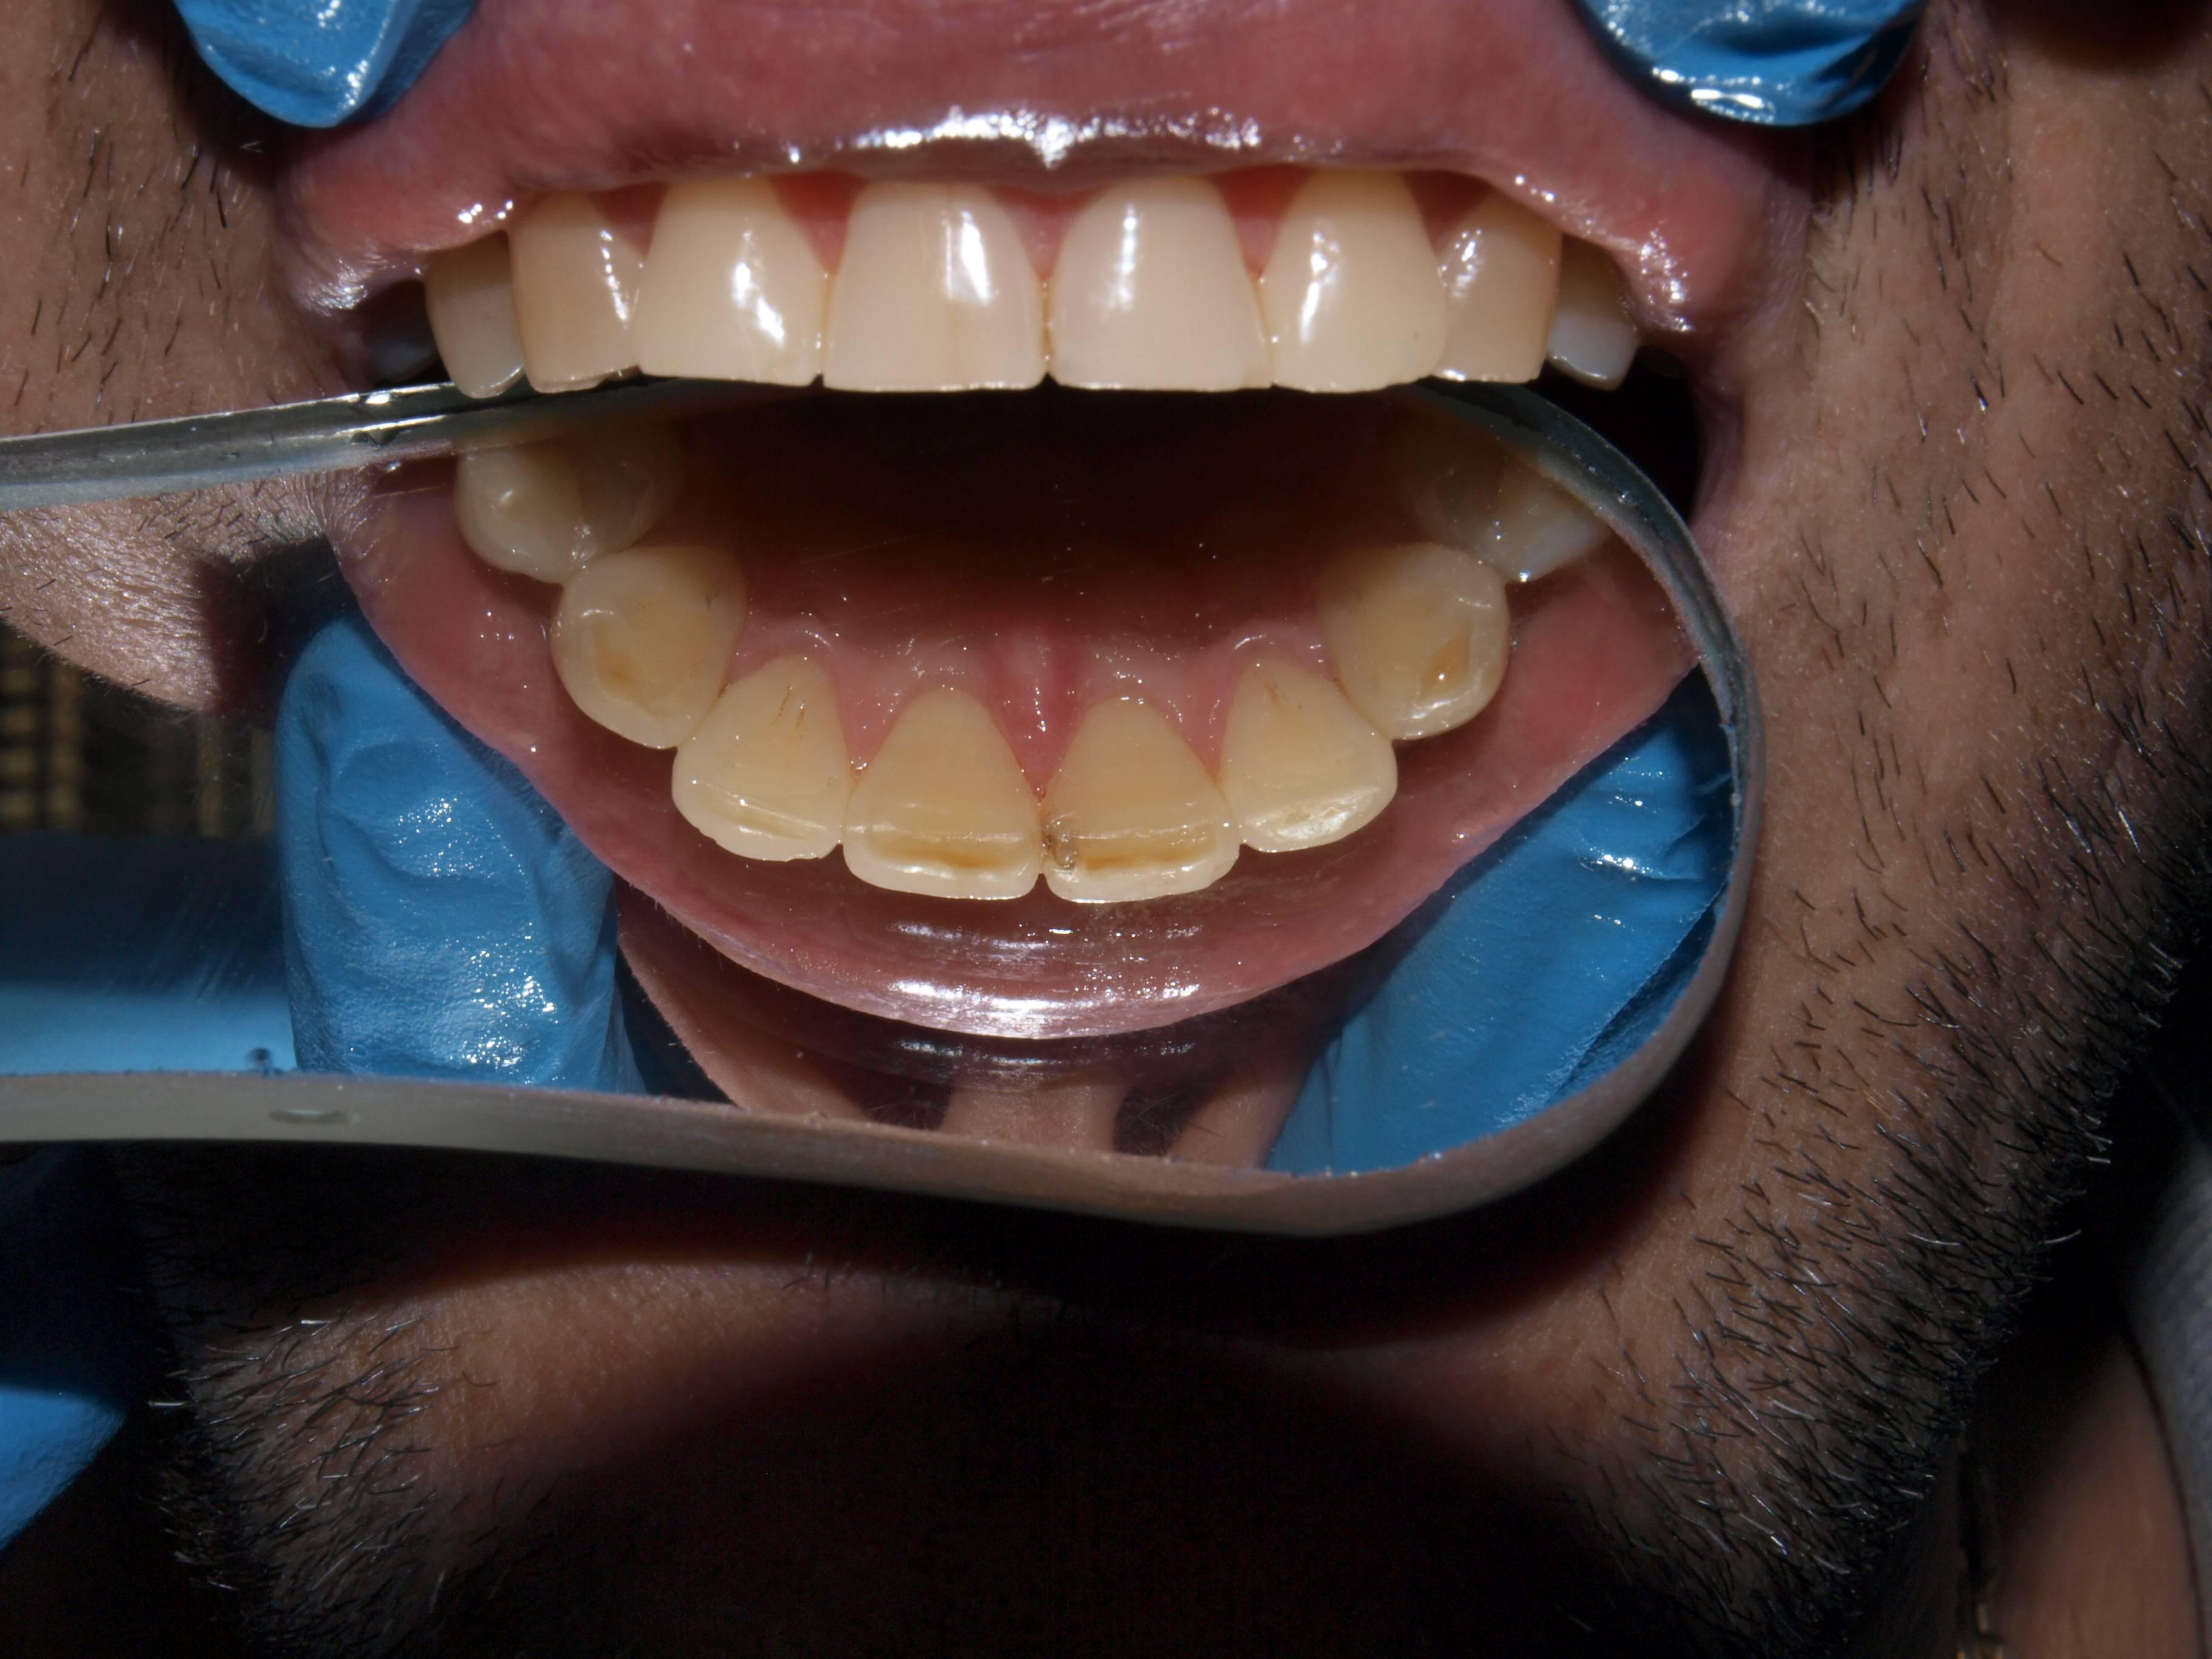 Плюсы и минусы ультразвуковой чистки зубов